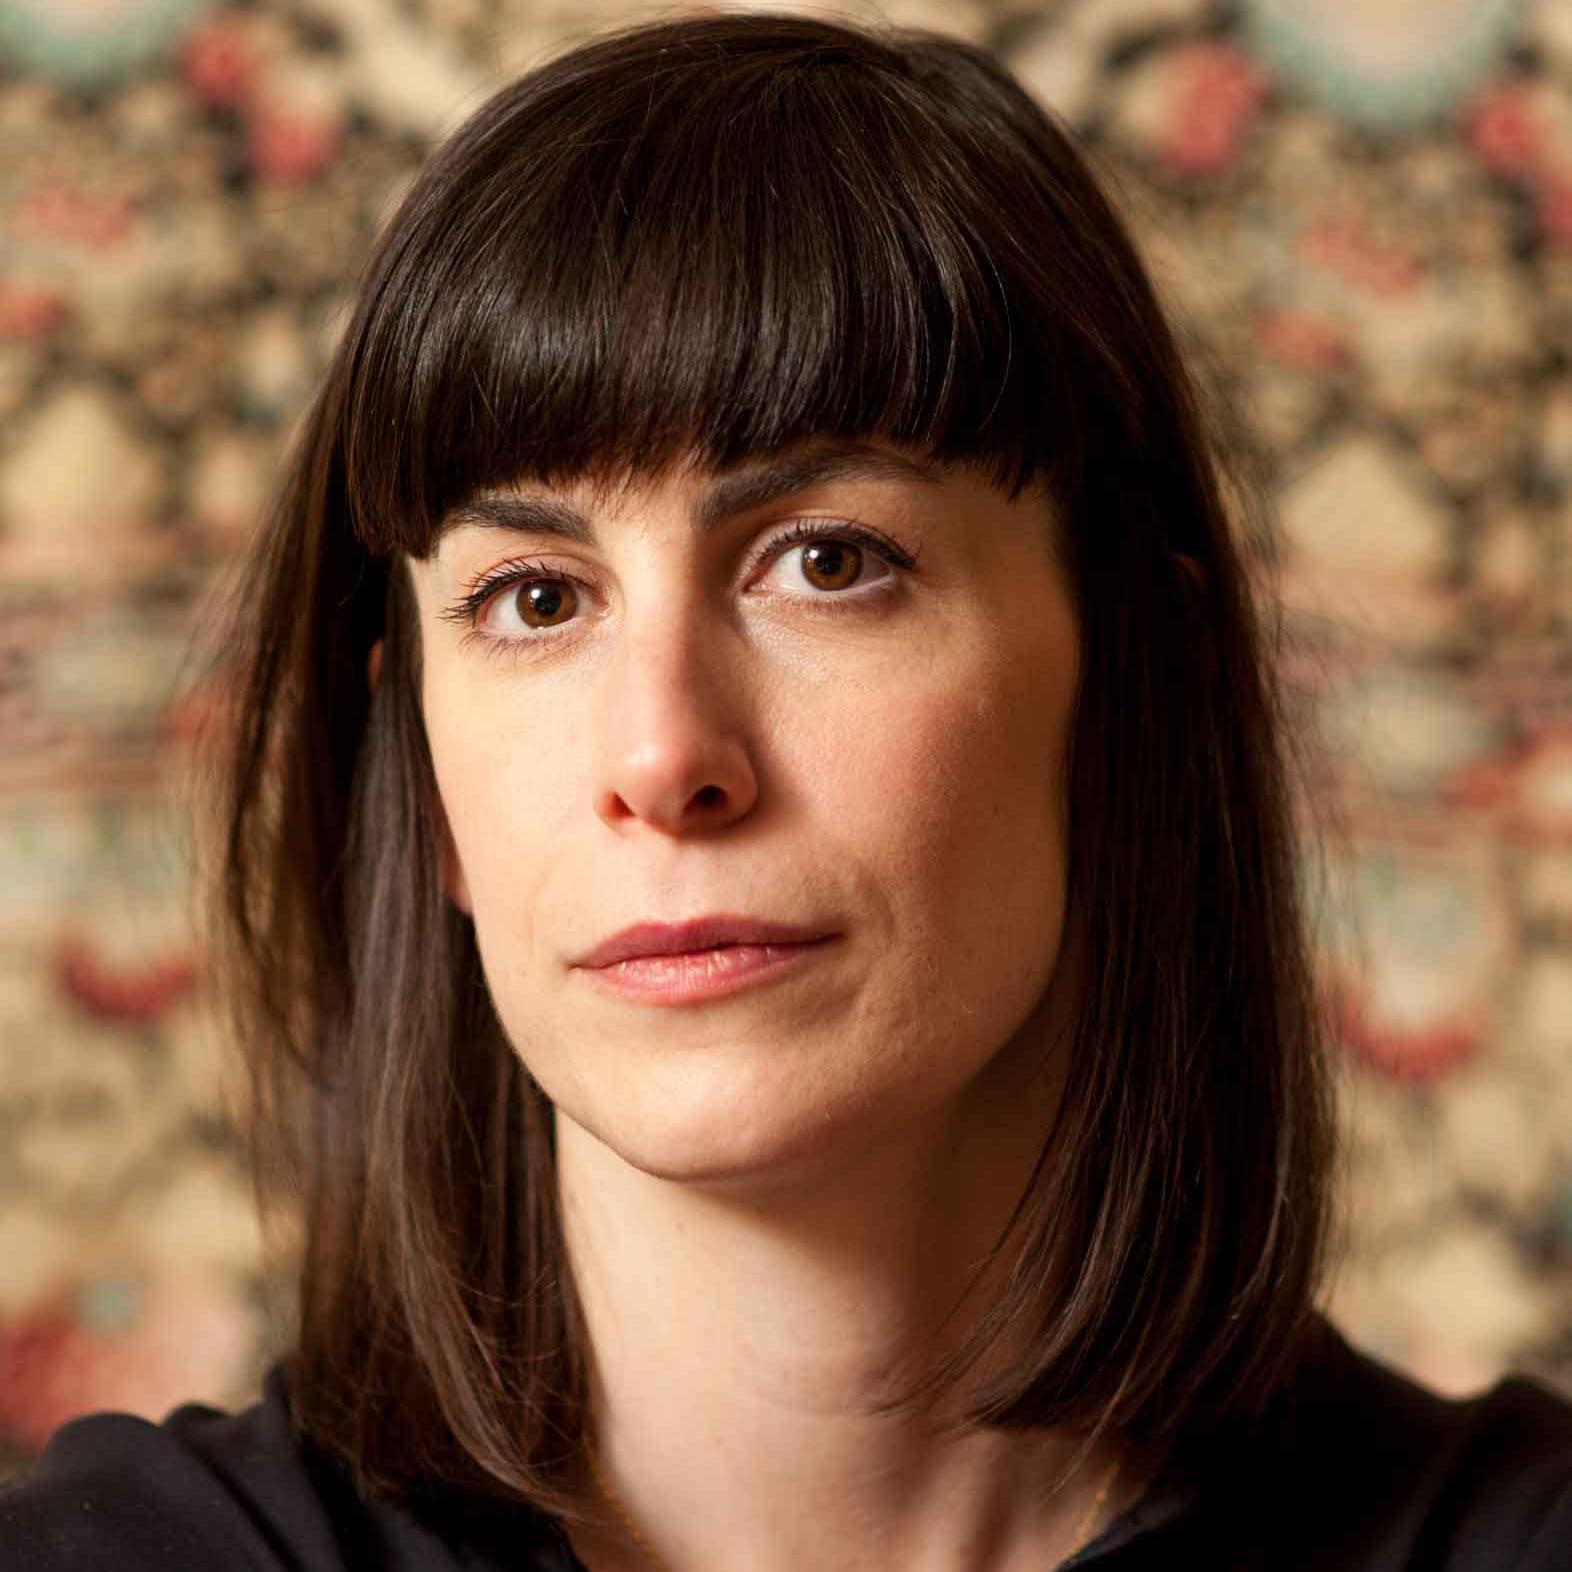 Samantha McGowan